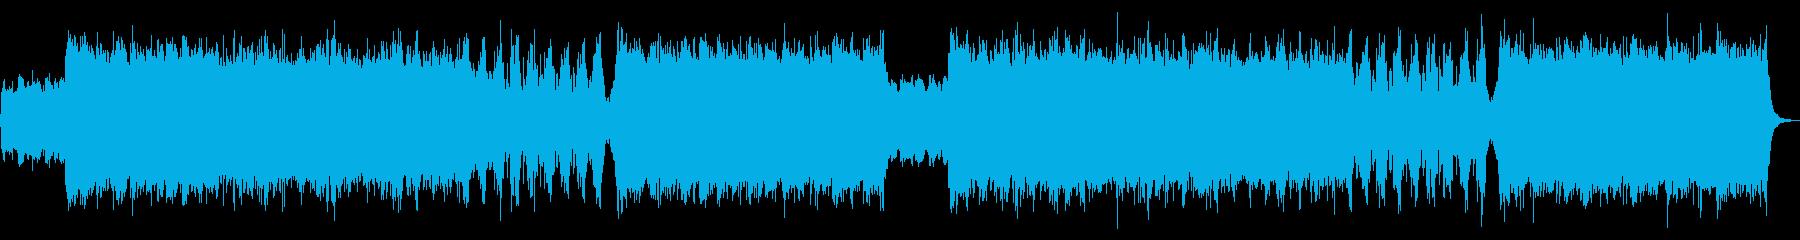 迫力あるシネマティック系オーケストラの再生済みの波形